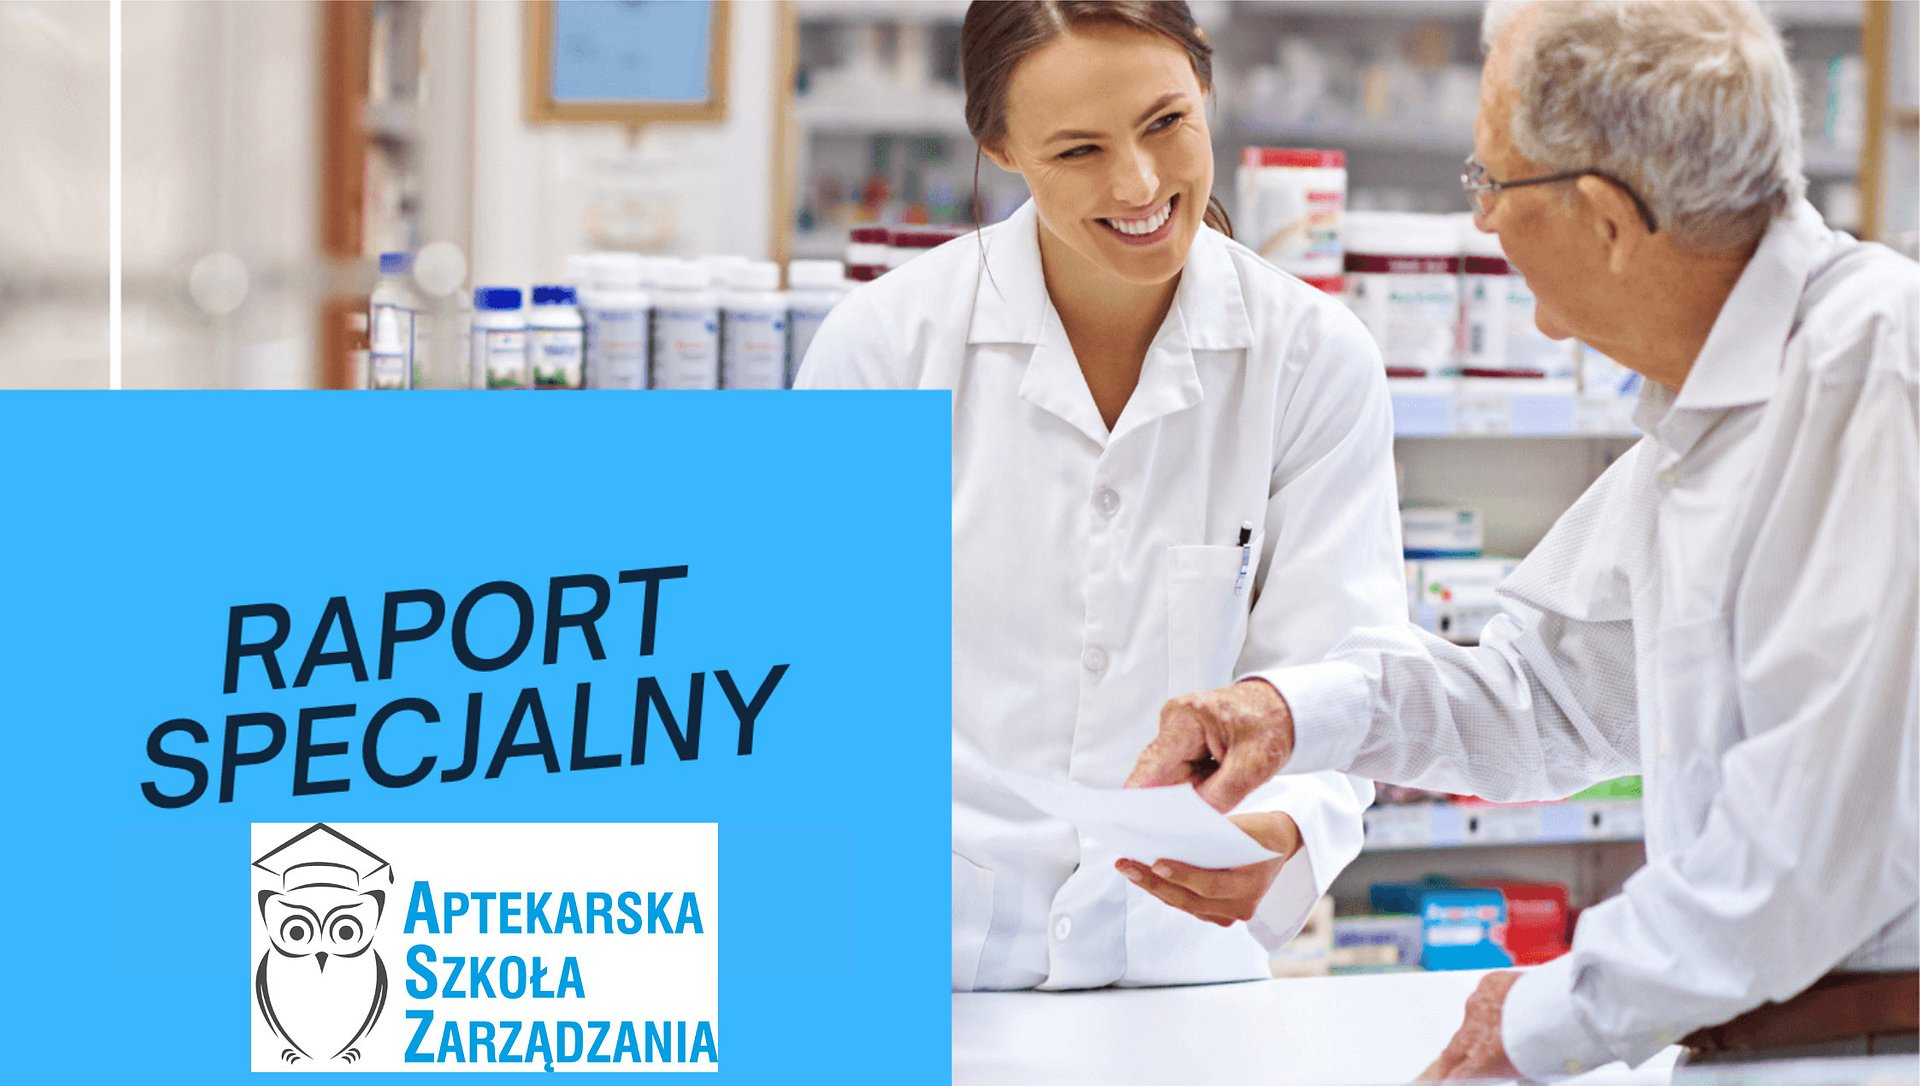 UoZF, opieka farmaceutyczna i nowe zadania kierownika: raport ASZ